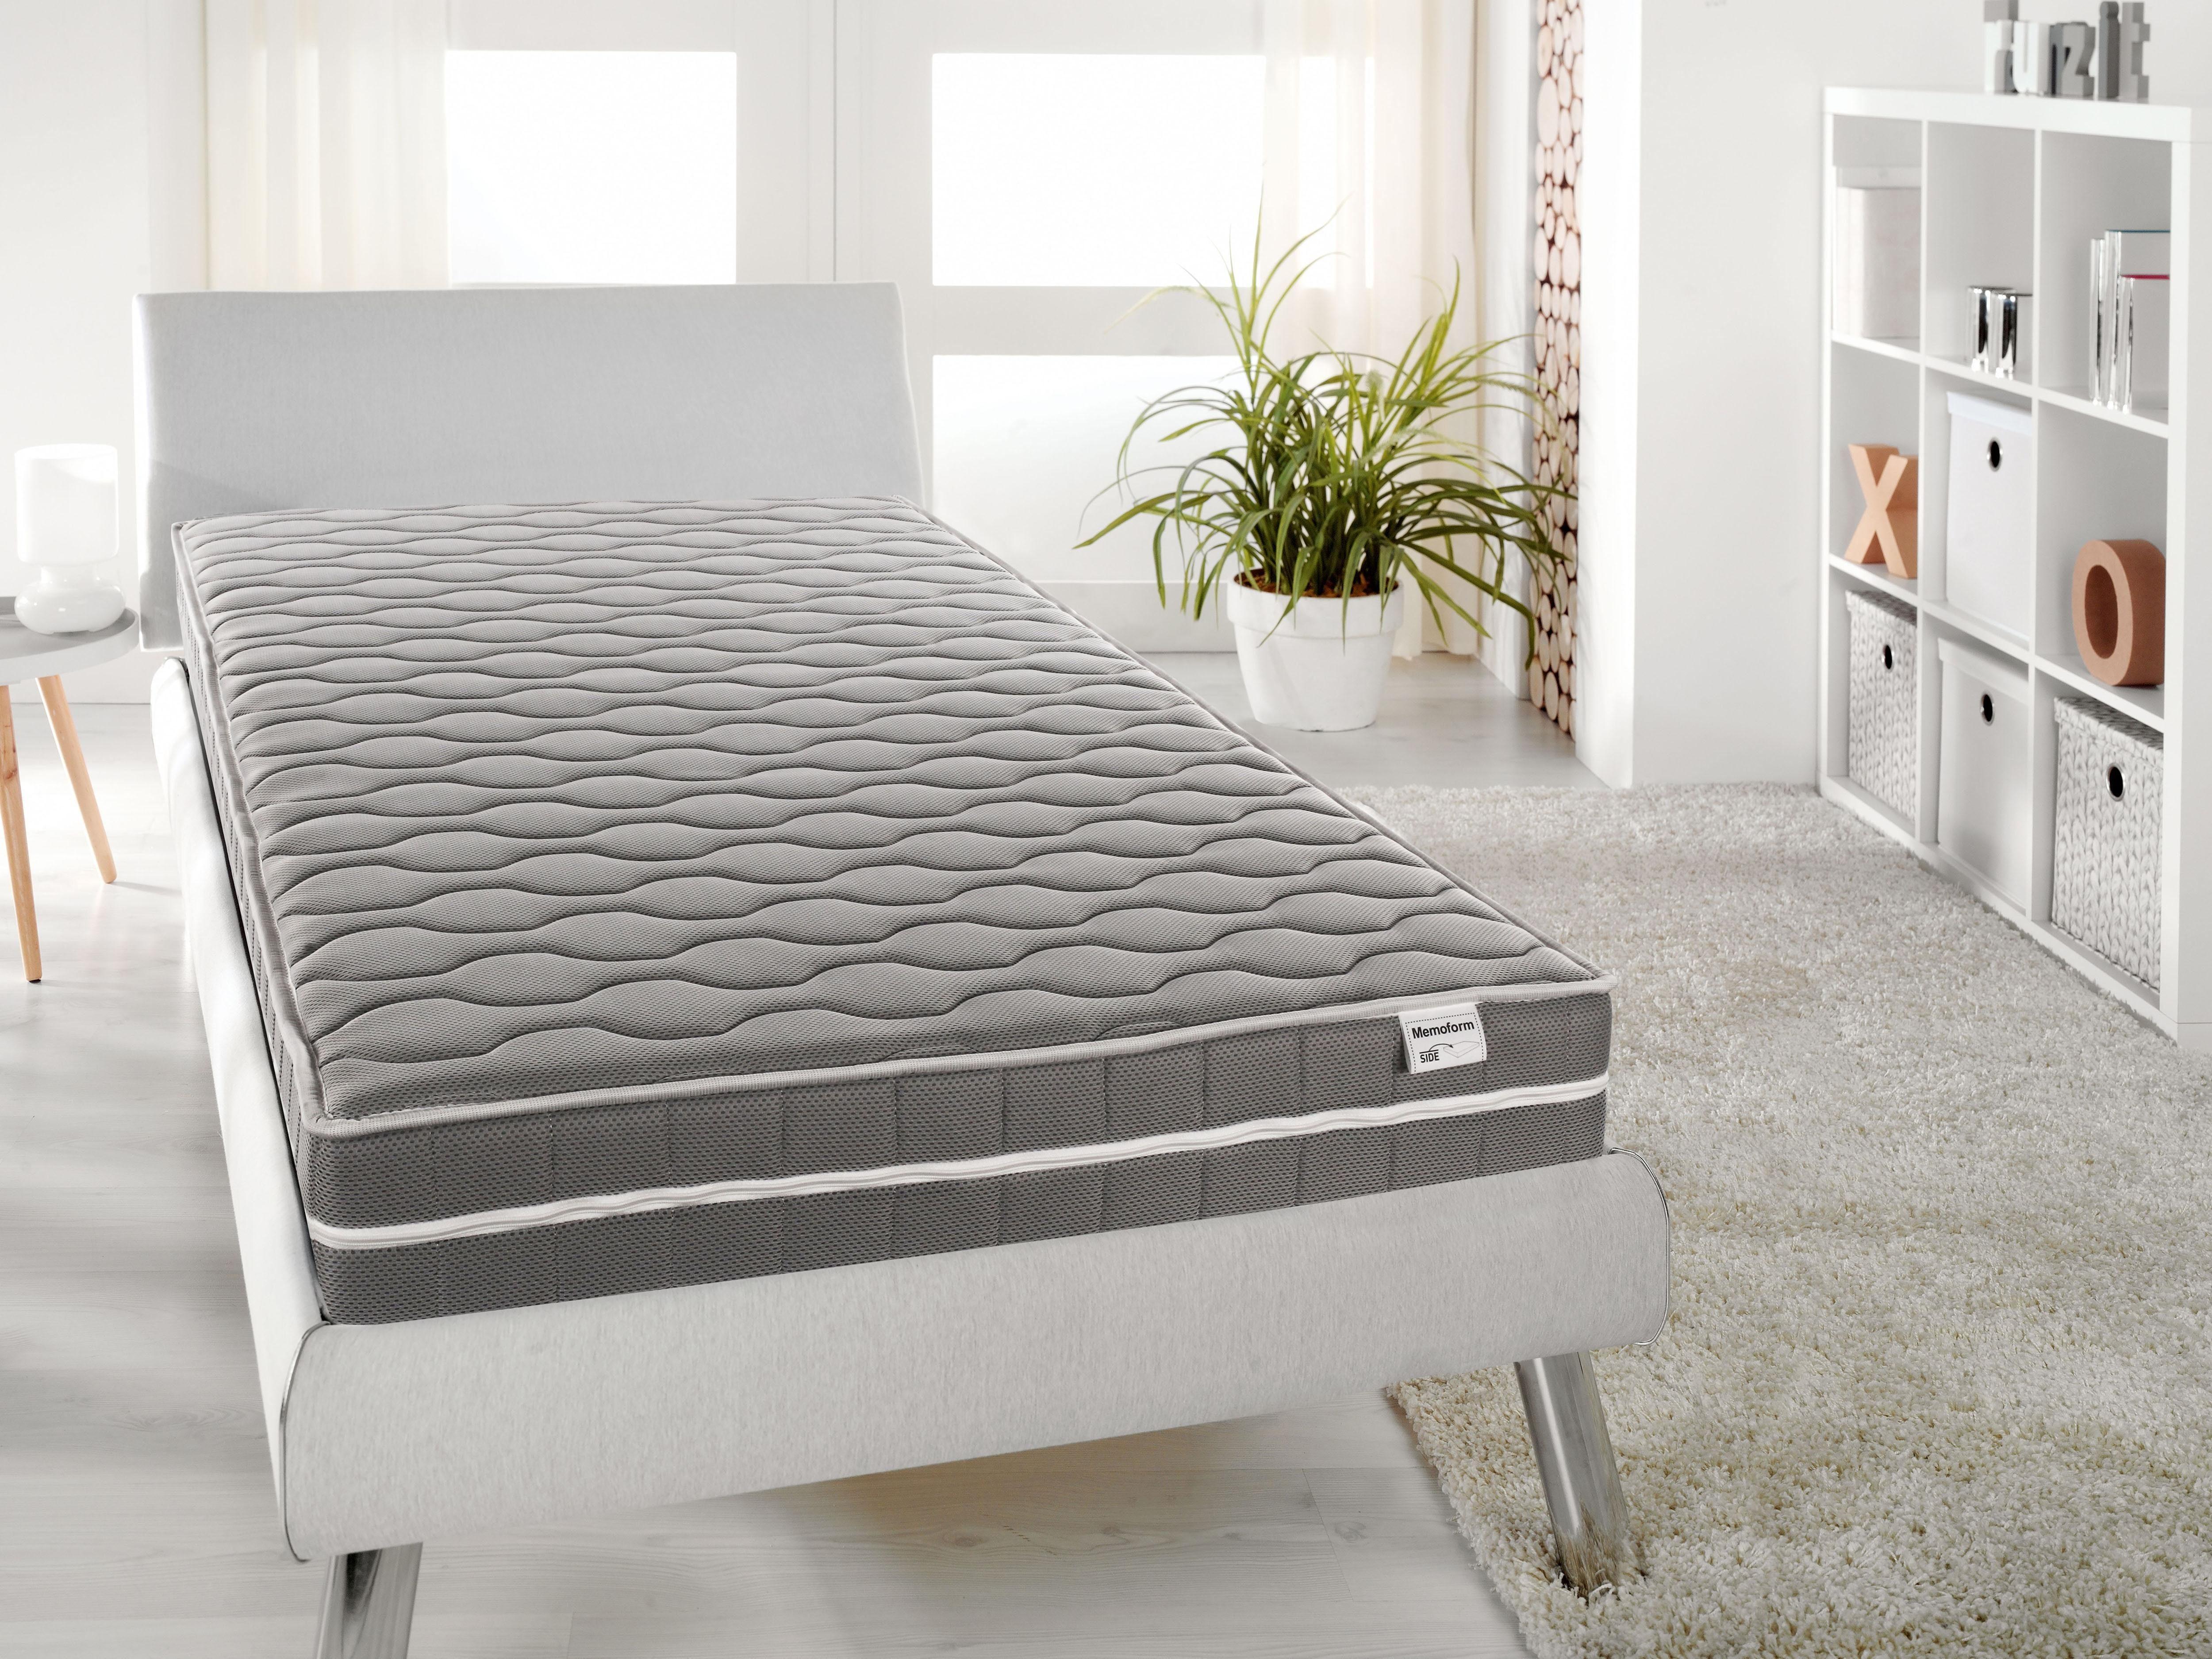 Komfortschaummatratze Visko Air Komfort Luxus DI QUATTRO 16 cm hoch